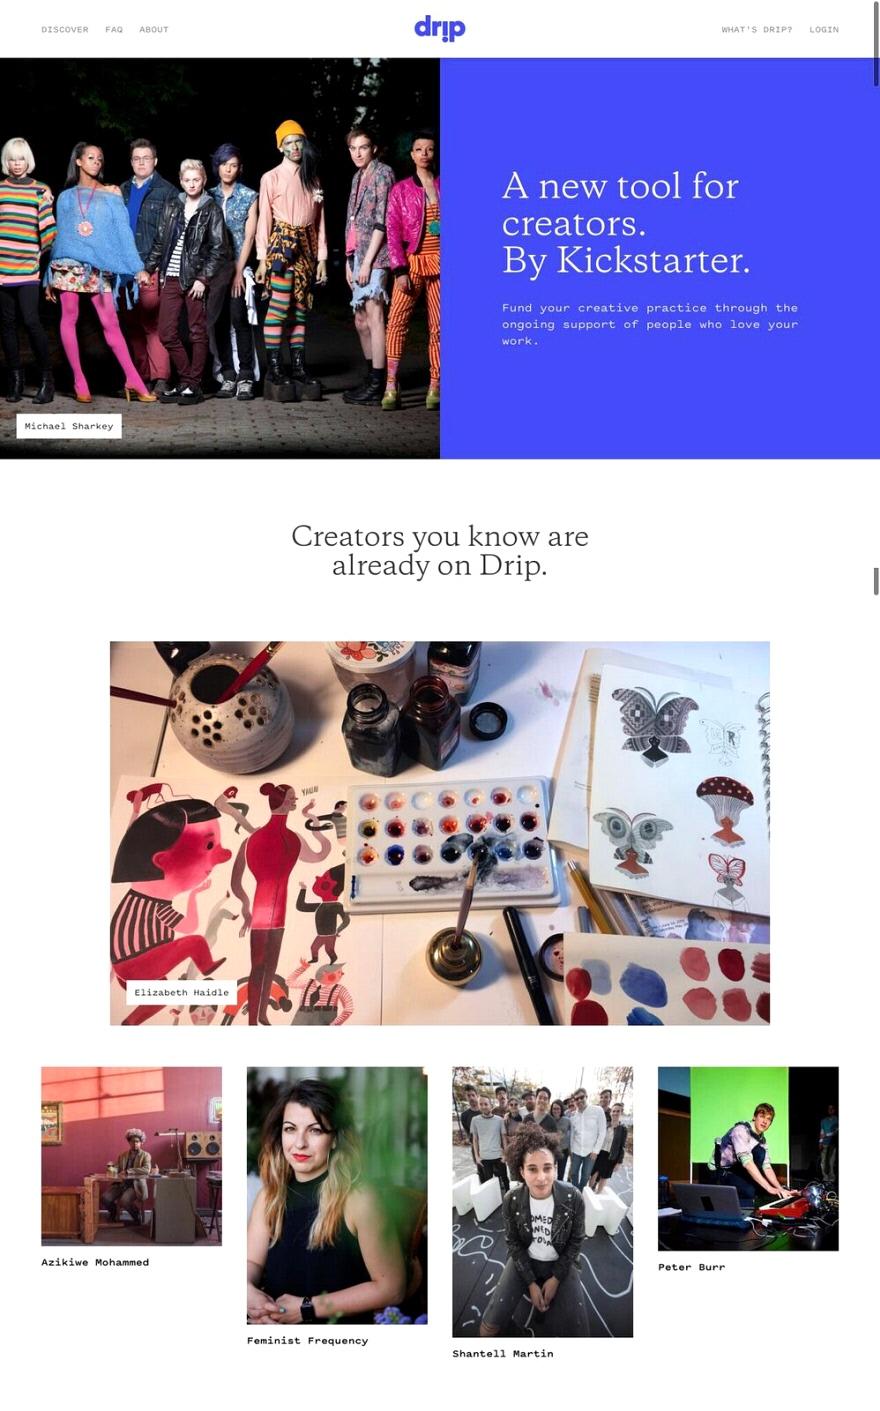 Kickstarter Announces Drip: A New Online Platform Where You Can Kickstart Yourself